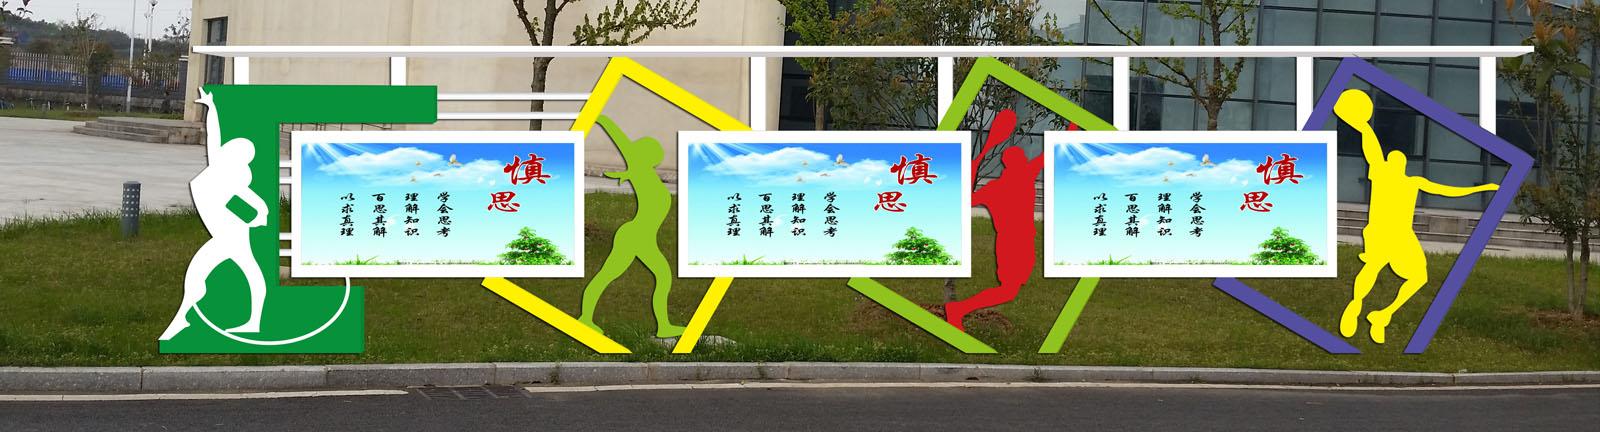 延边公交候车亭